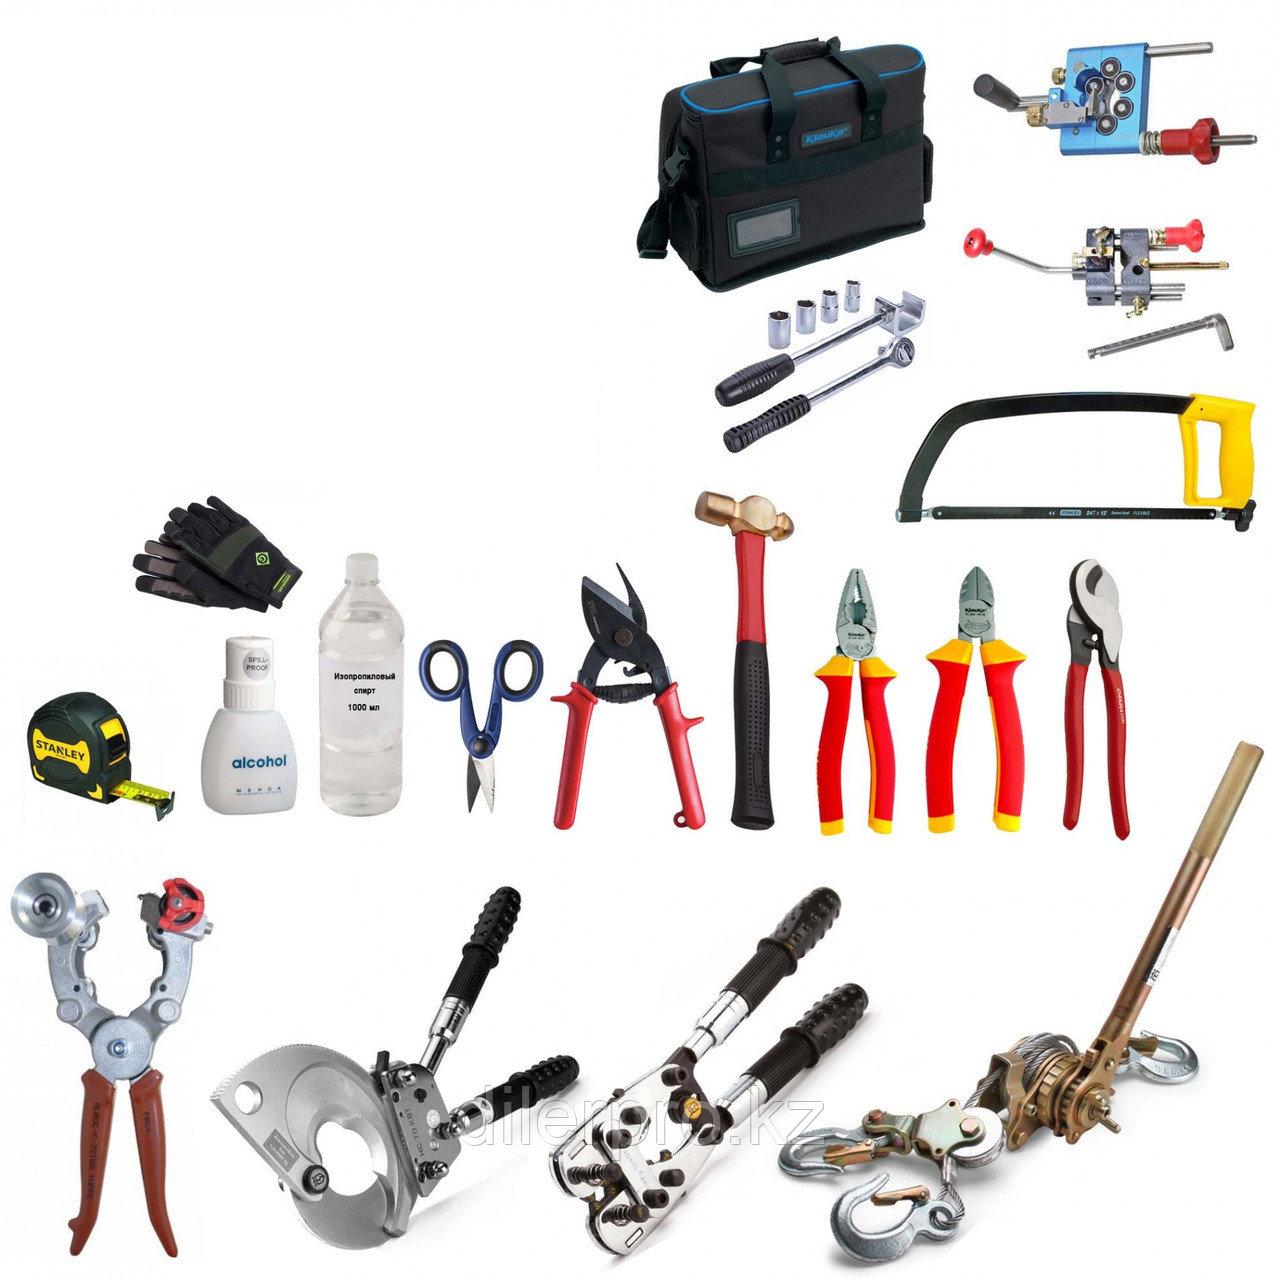 SK-TN-007-N2 - Набор инструментов для установки муфт холодной усадки на кабель с изоляцией СПЭ (без палатки кабельщика)